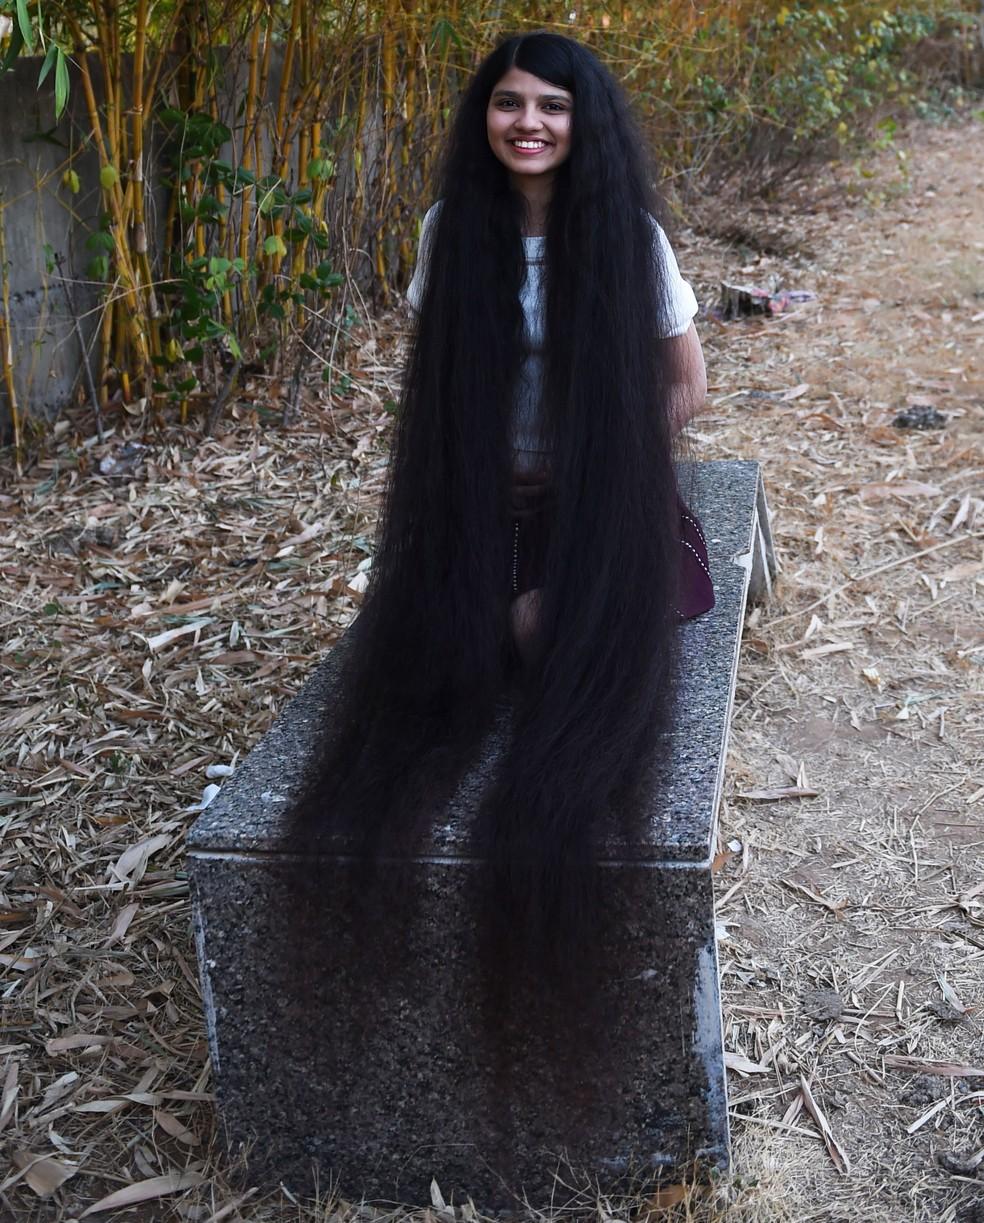 Nilanshi Patel, de 17 anos, exibe seus cabelos com 1,90 m de comprimento, que garantiram que ela fosse incluída no Livro Guinness dos Recordes, em Modasa, na Índia, no domingo (19) — Foto: Sam Panthaky/AFP